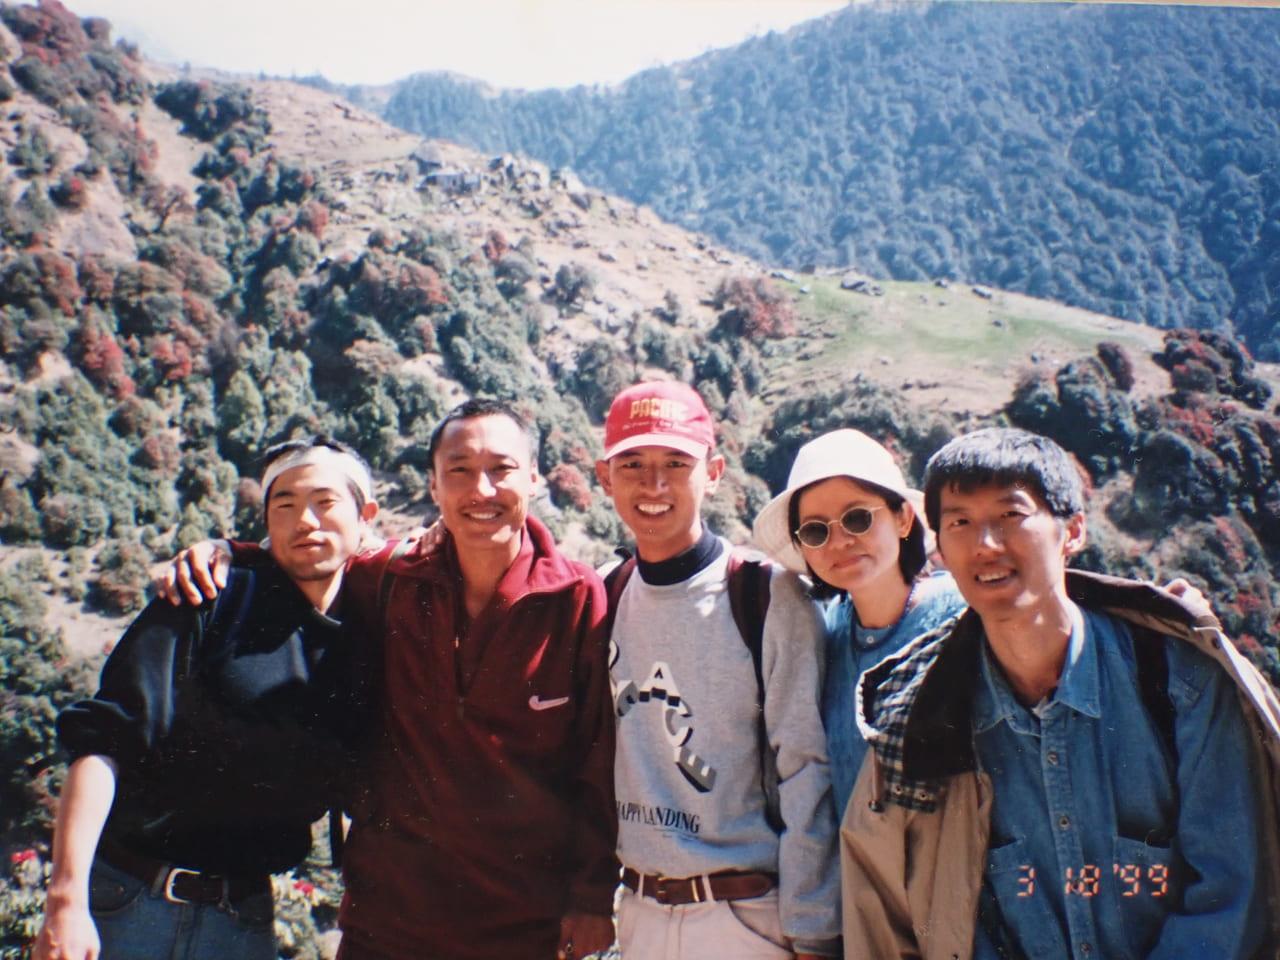 トリウンド山へピクニック 2000年